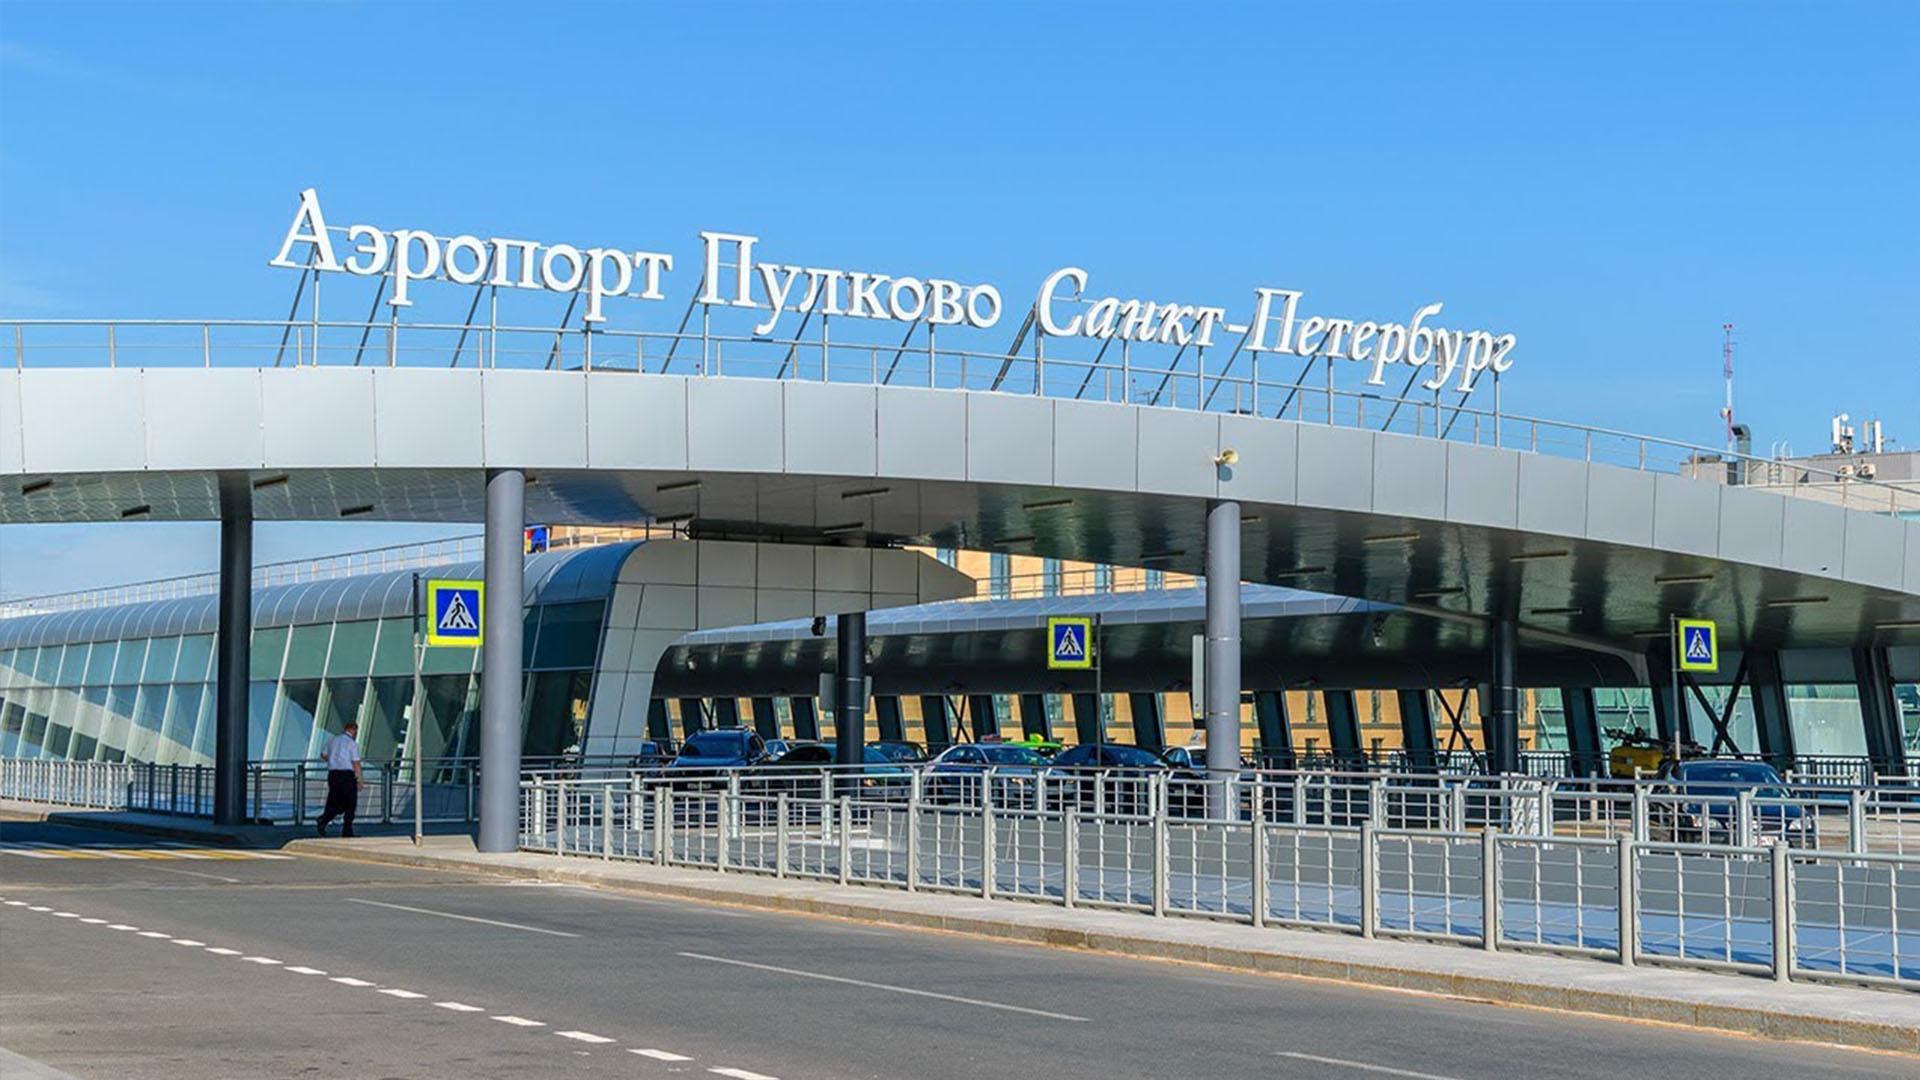 Официальный оператор такси аэропорта Пулково терпит убытки, а воздушная гавань ищет нового перевозчика